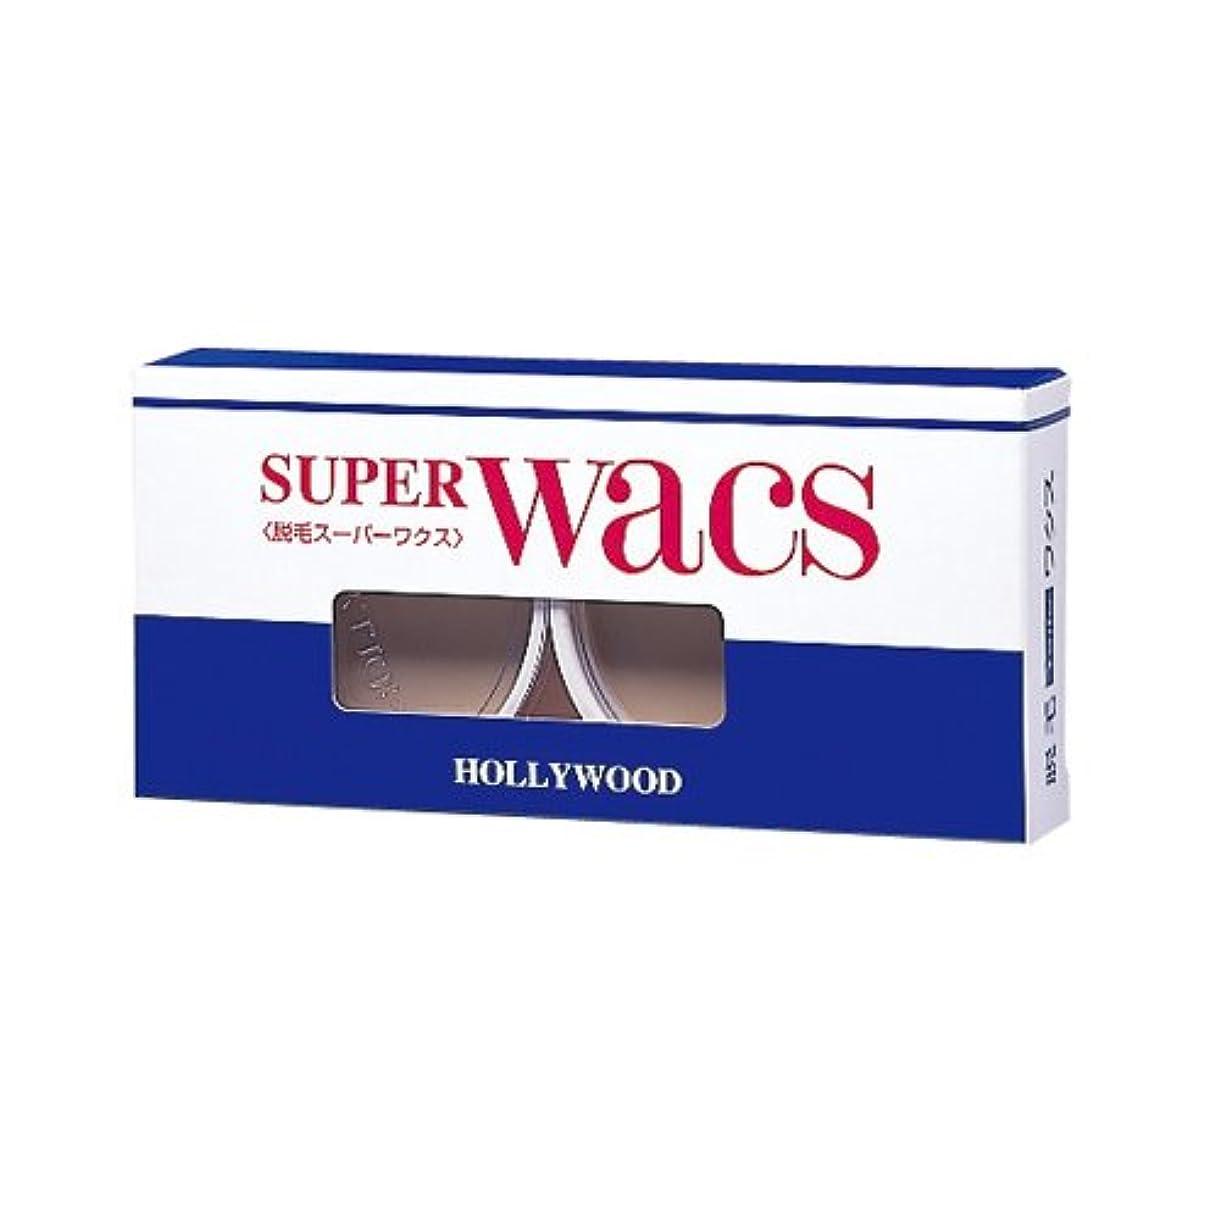 毛布ウェブふさわしいハリウッド 脱毛スーパーワクス (強力) (50g × 2)